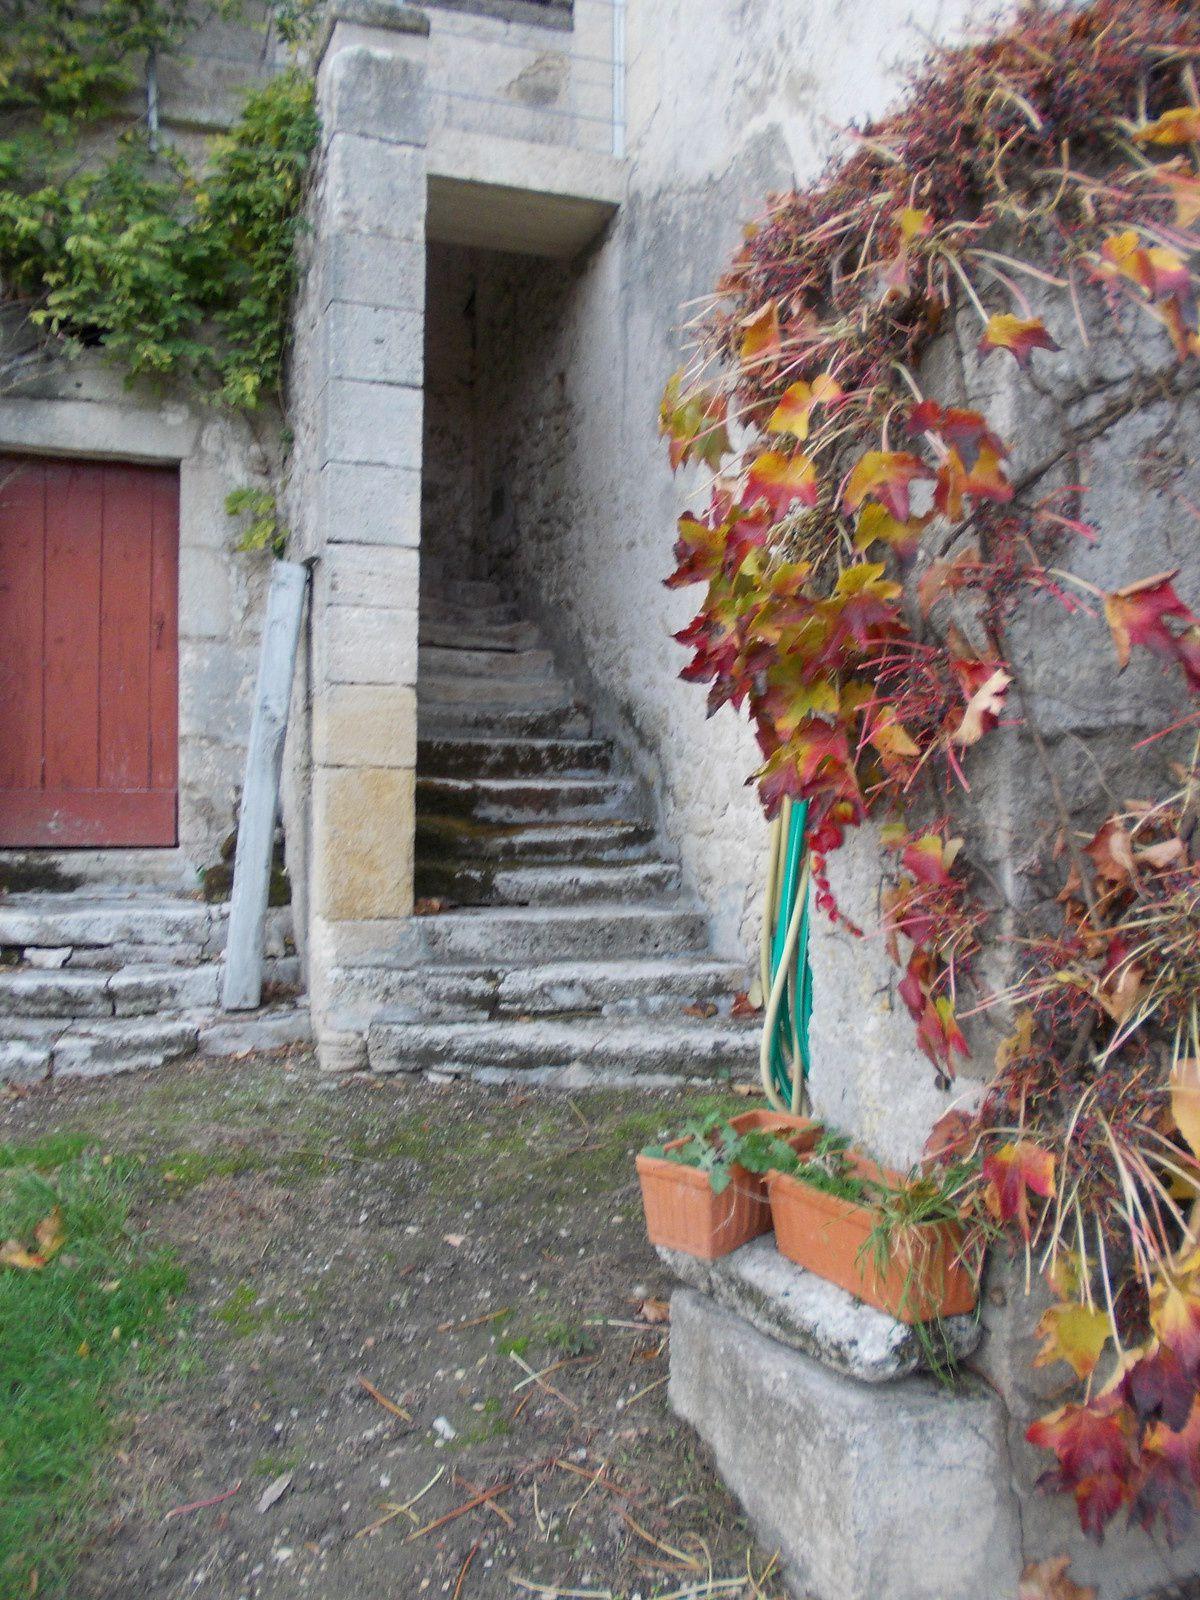 la cour arrière & ses pavillons et escaliers